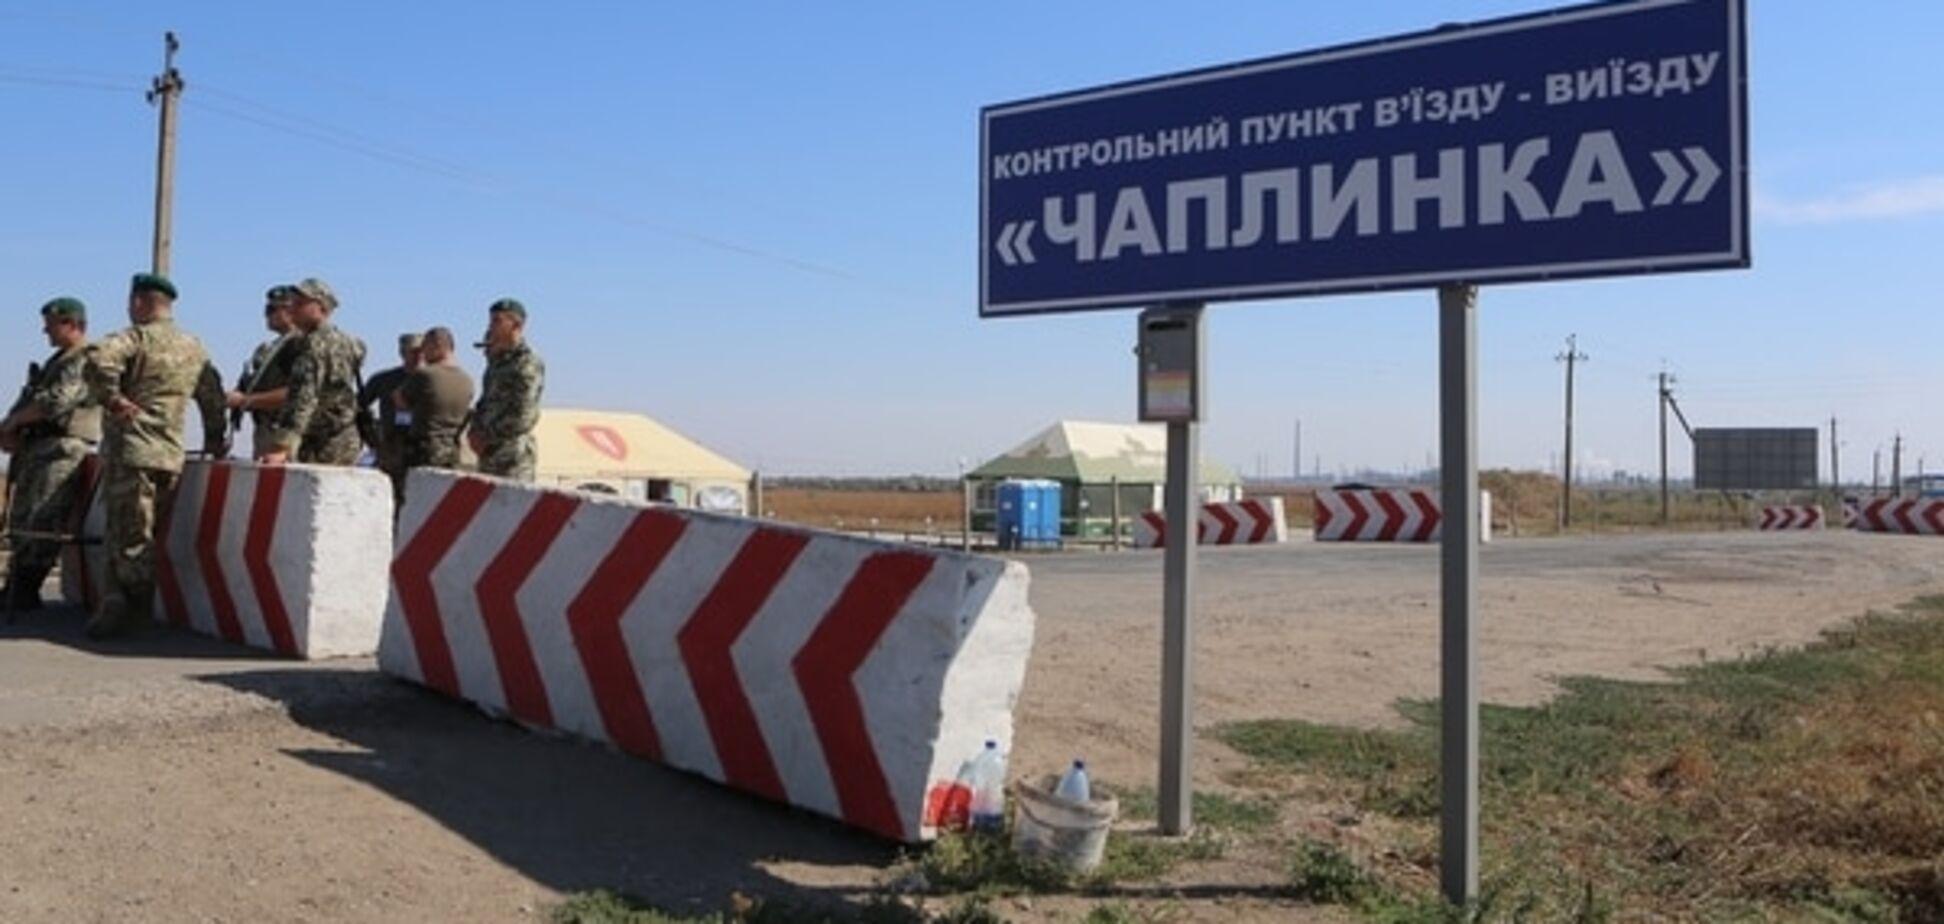 Блокада спрацювала: самозваний мер Севастополя відвозить бізнес з Криму